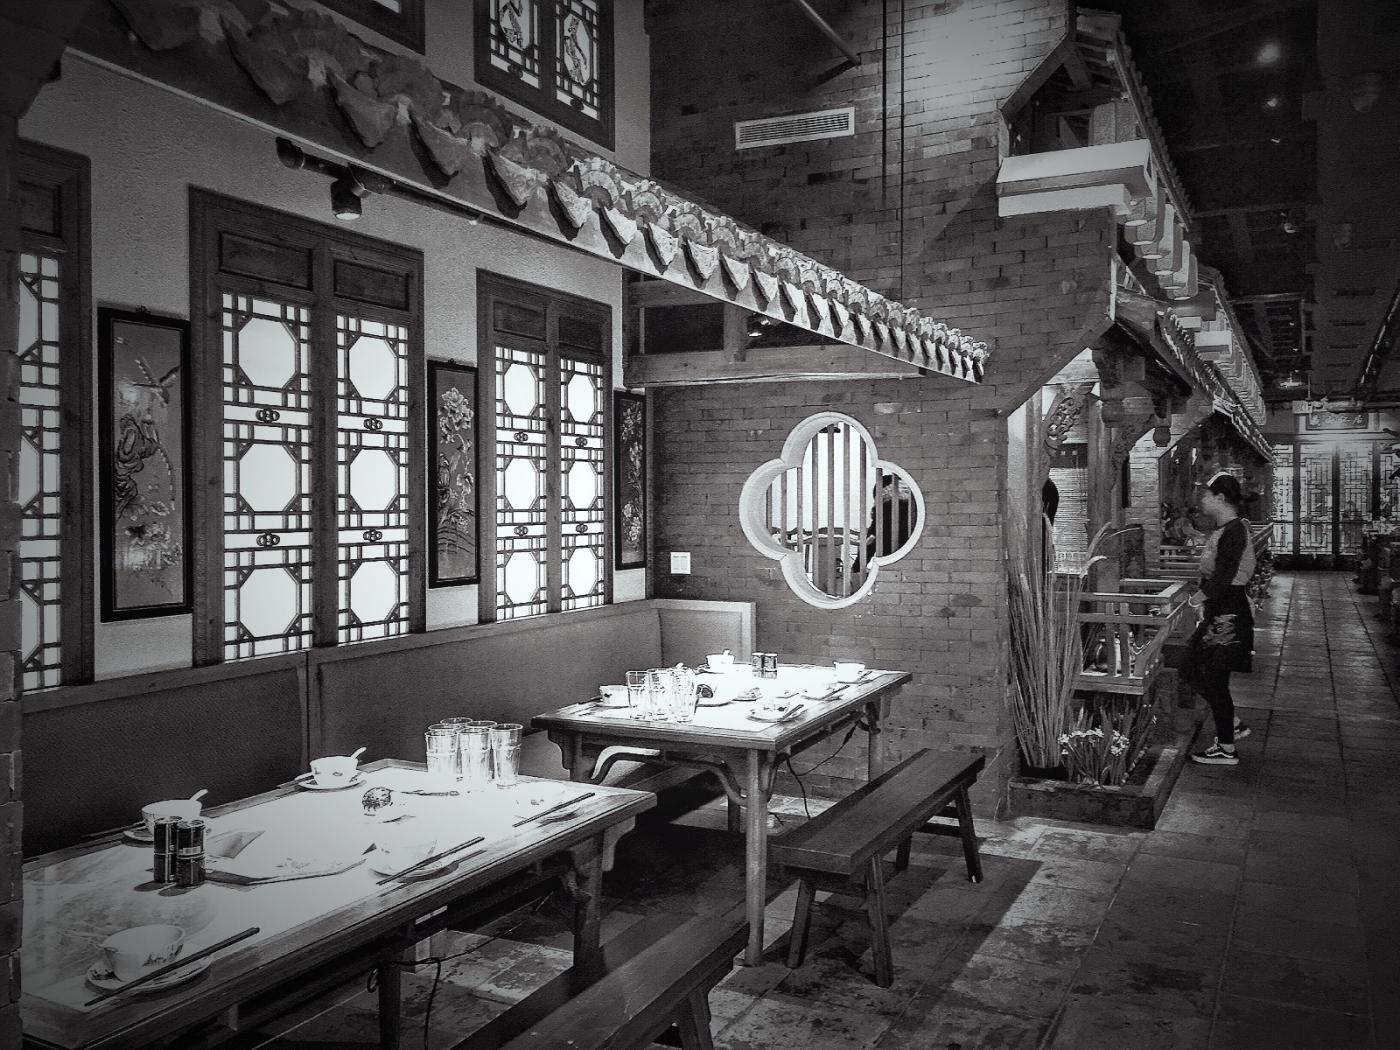 【盲流摄影】纽约法拉盛的中餐馆品味在提升-手机摄影_图1-29